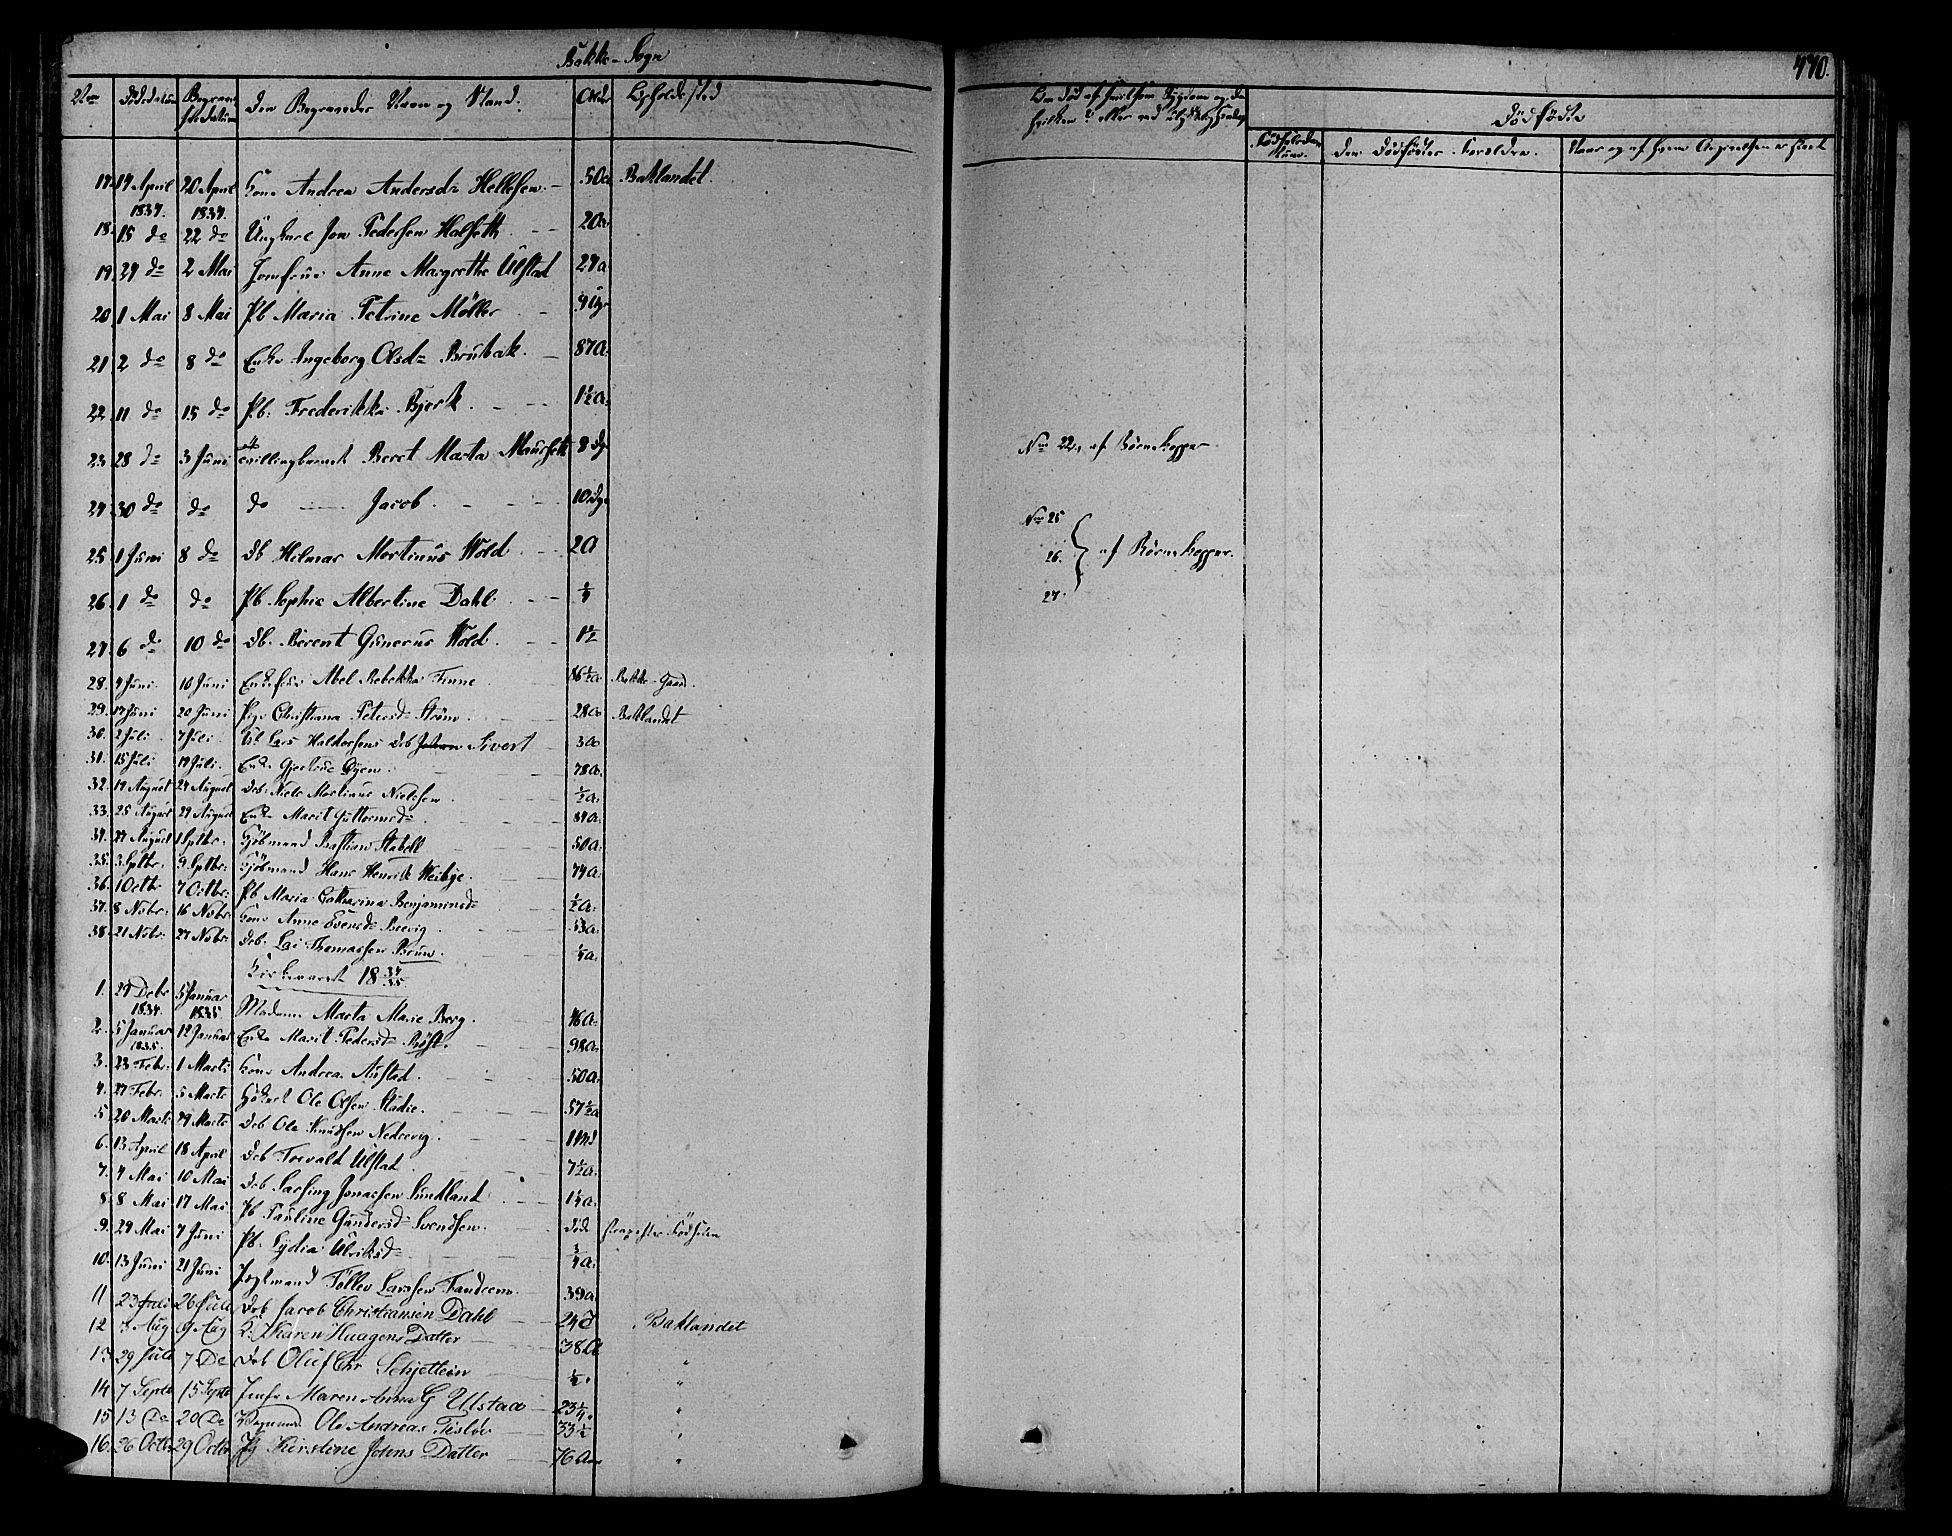 SAT, Ministerialprotokoller, klokkerbøker og fødselsregistre - Sør-Trøndelag, 606/L0287: Ministerialbok nr. 606A04 /2, 1826-1840, s. 470